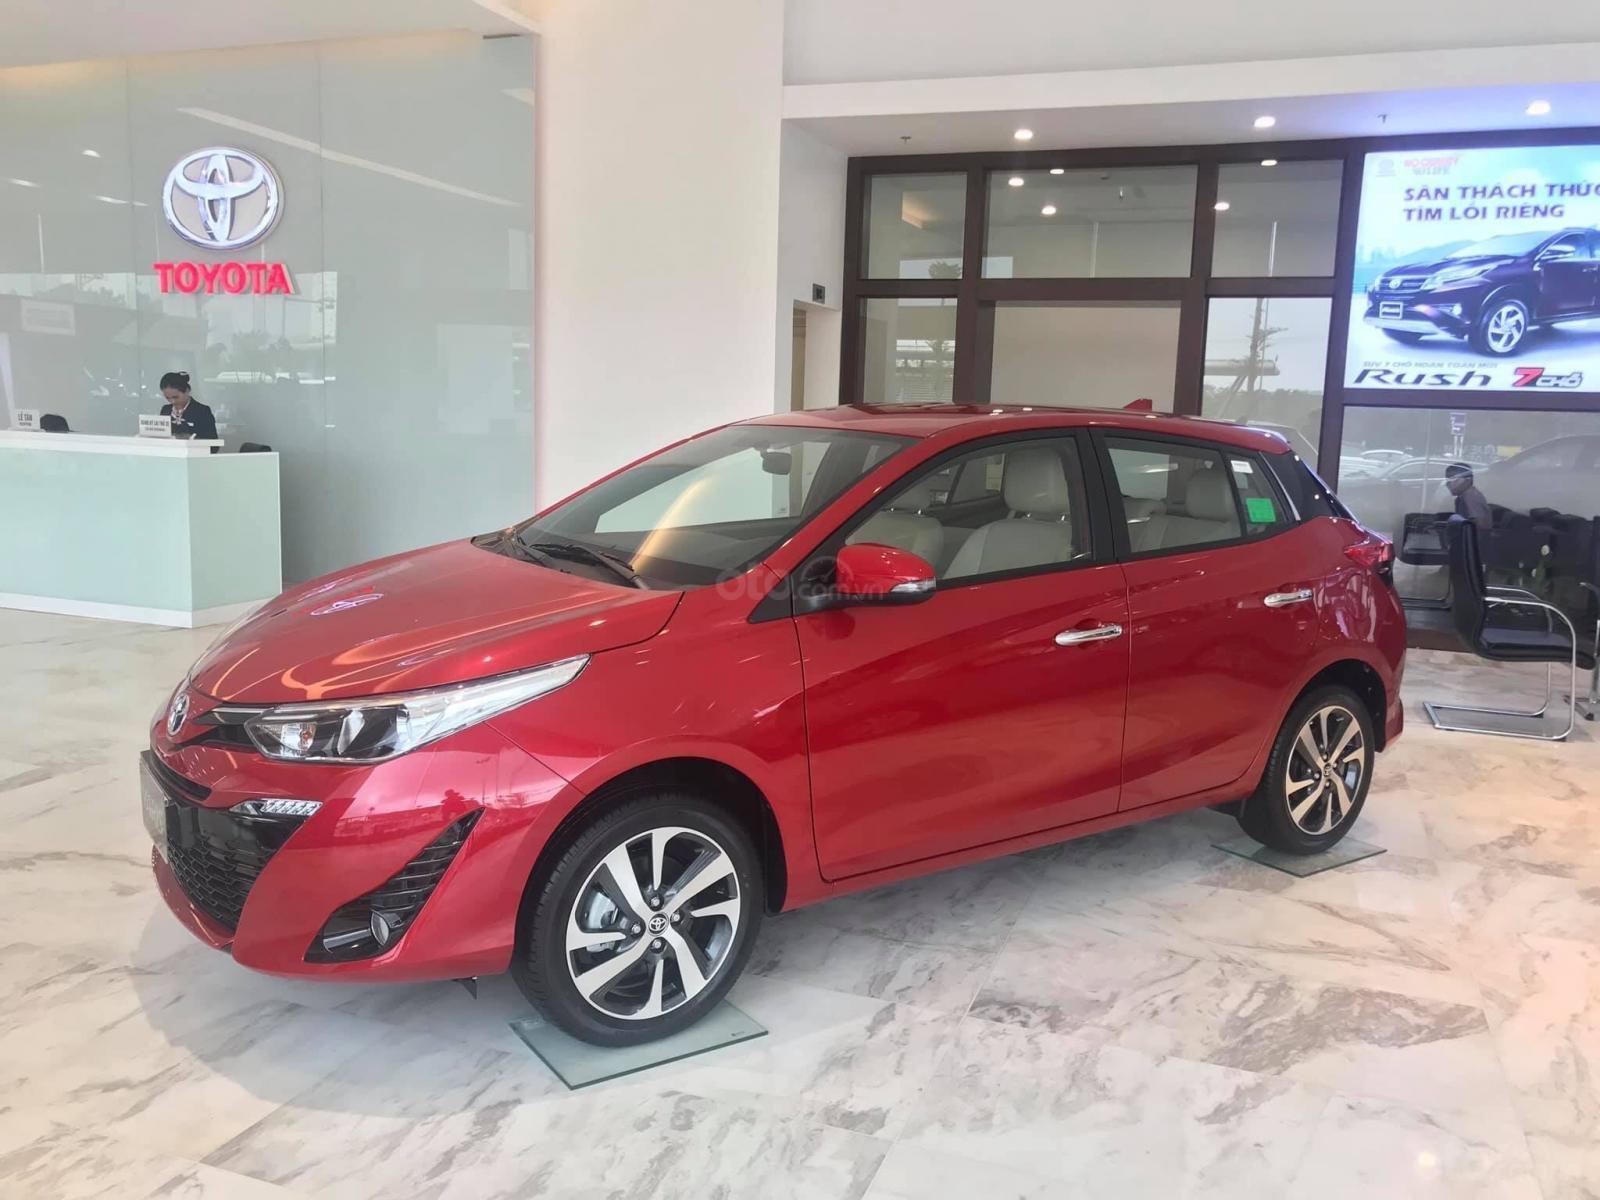 Đại lý Toyota Thái Hòa, bán Toyota Yaris, màu đỏ, nhập khẩu, giá tốt, LH: 0975 882 169-0